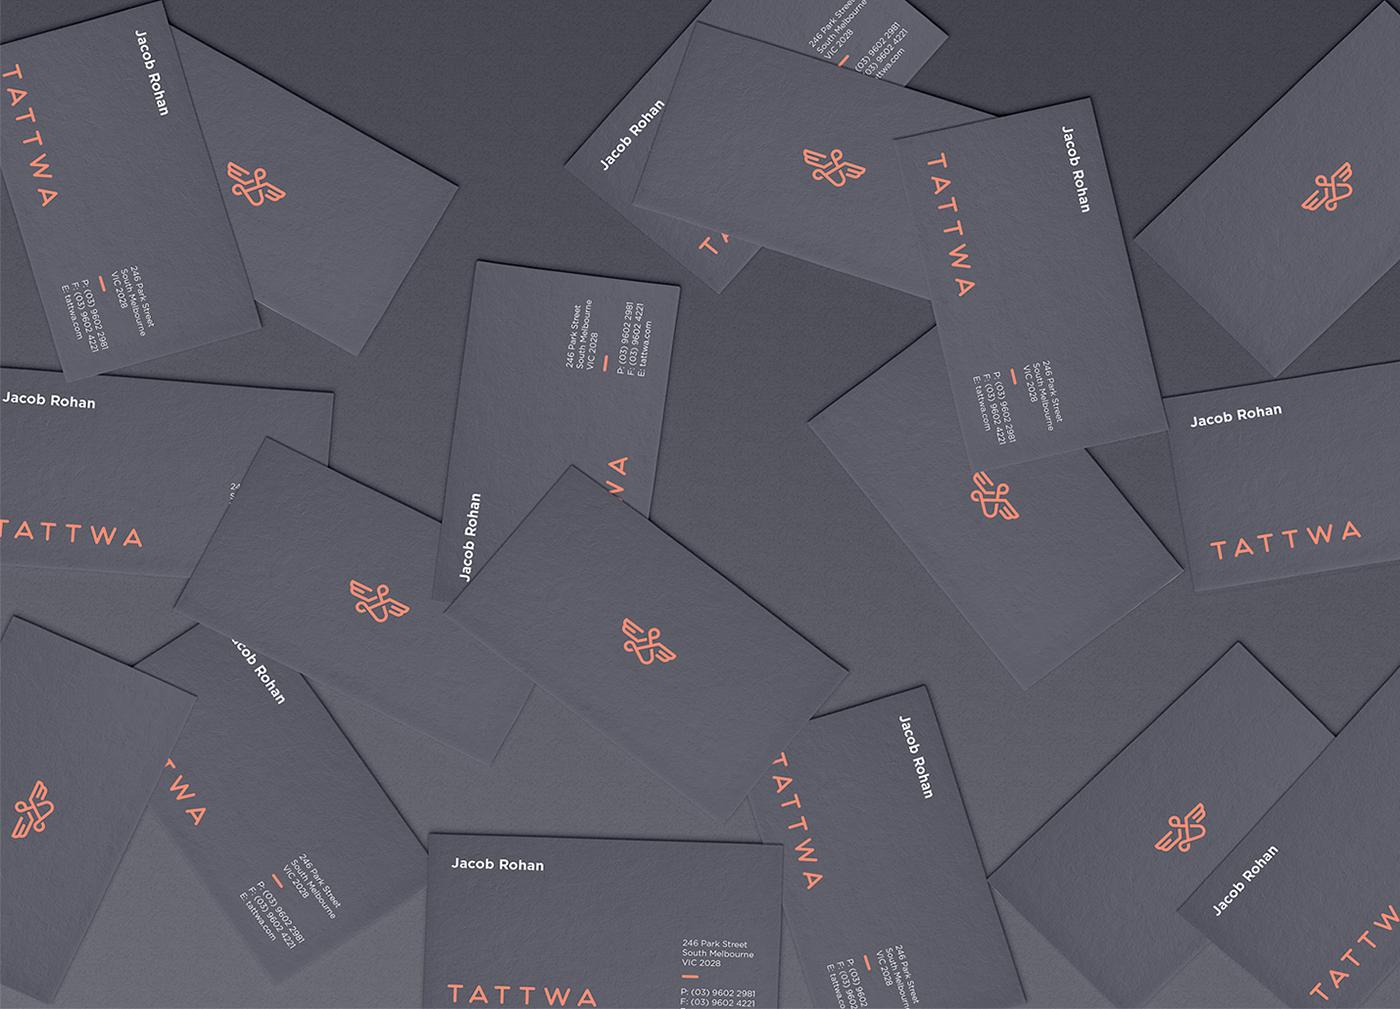 5 Projets de Branding, d'Identité ou de Redesign à voir #18